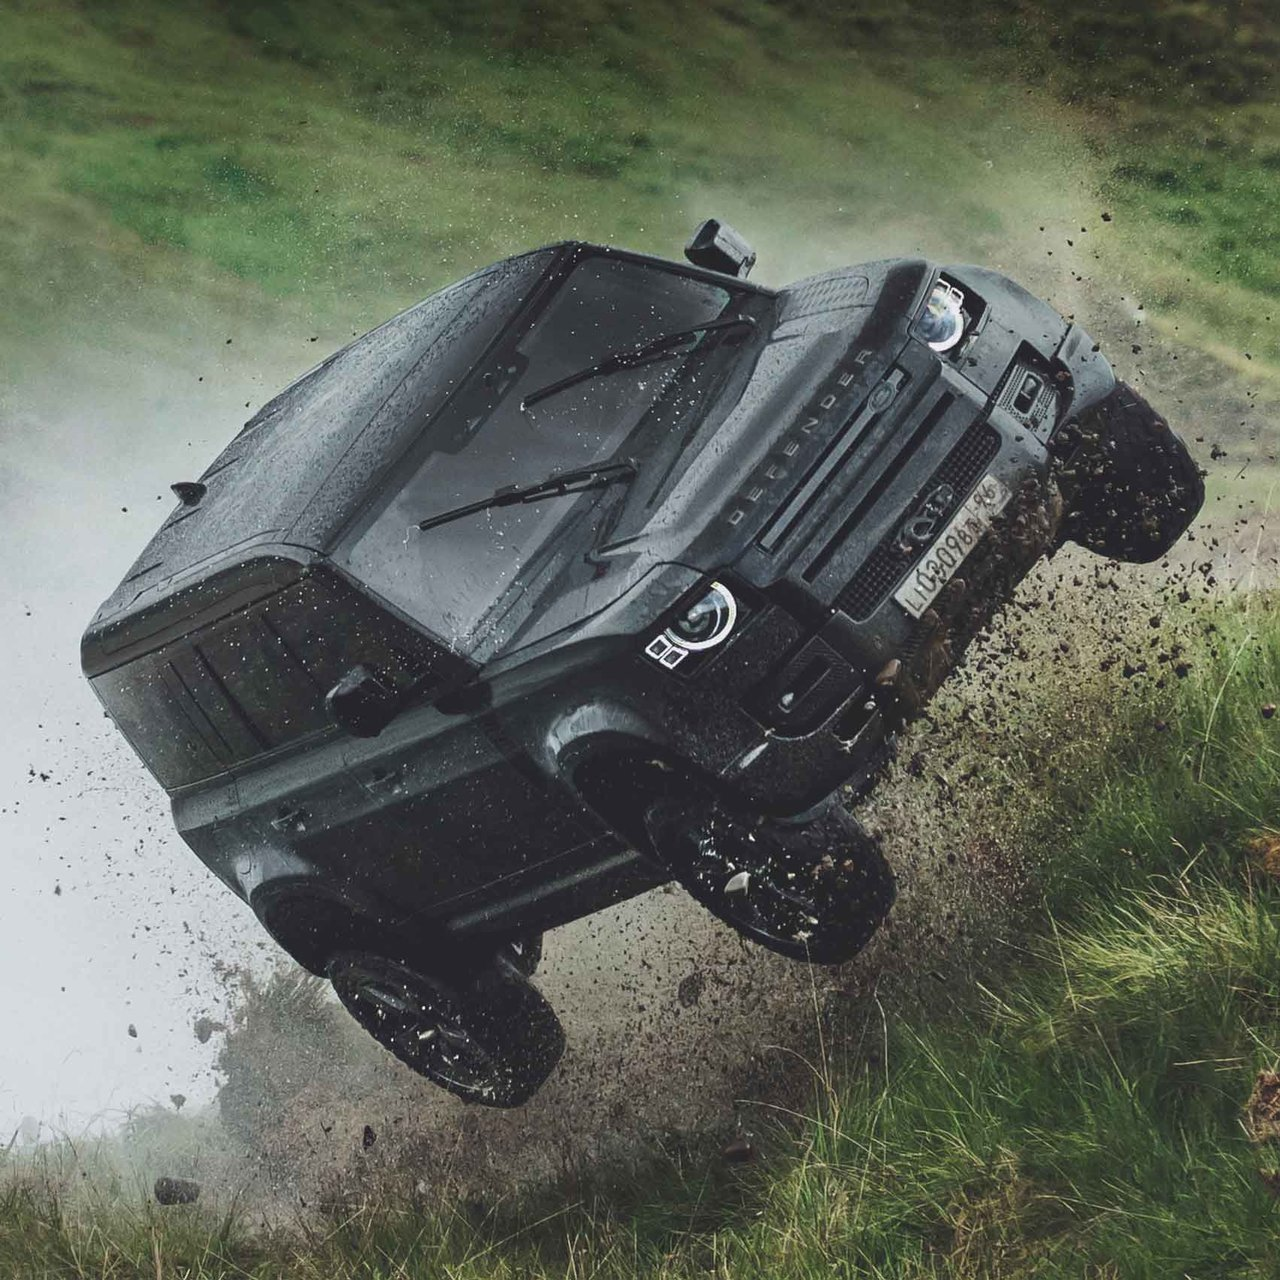 007シリーズ最新作「NO TIME NO DIE」にディフェンダーが登場 Land Rover